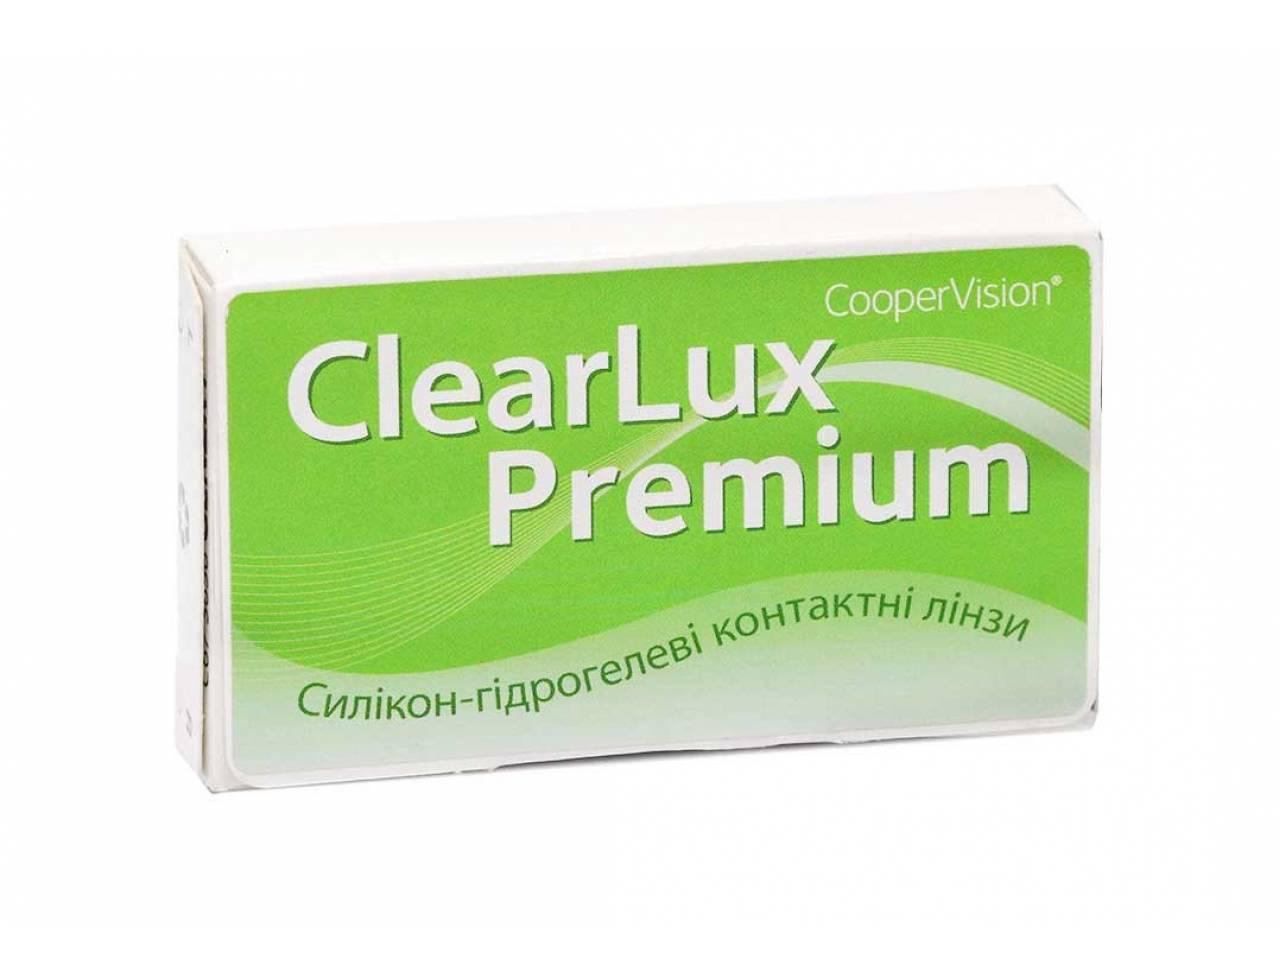 Месячные контактные линзы Cooper Vision ClearLux Premium - Фото №7